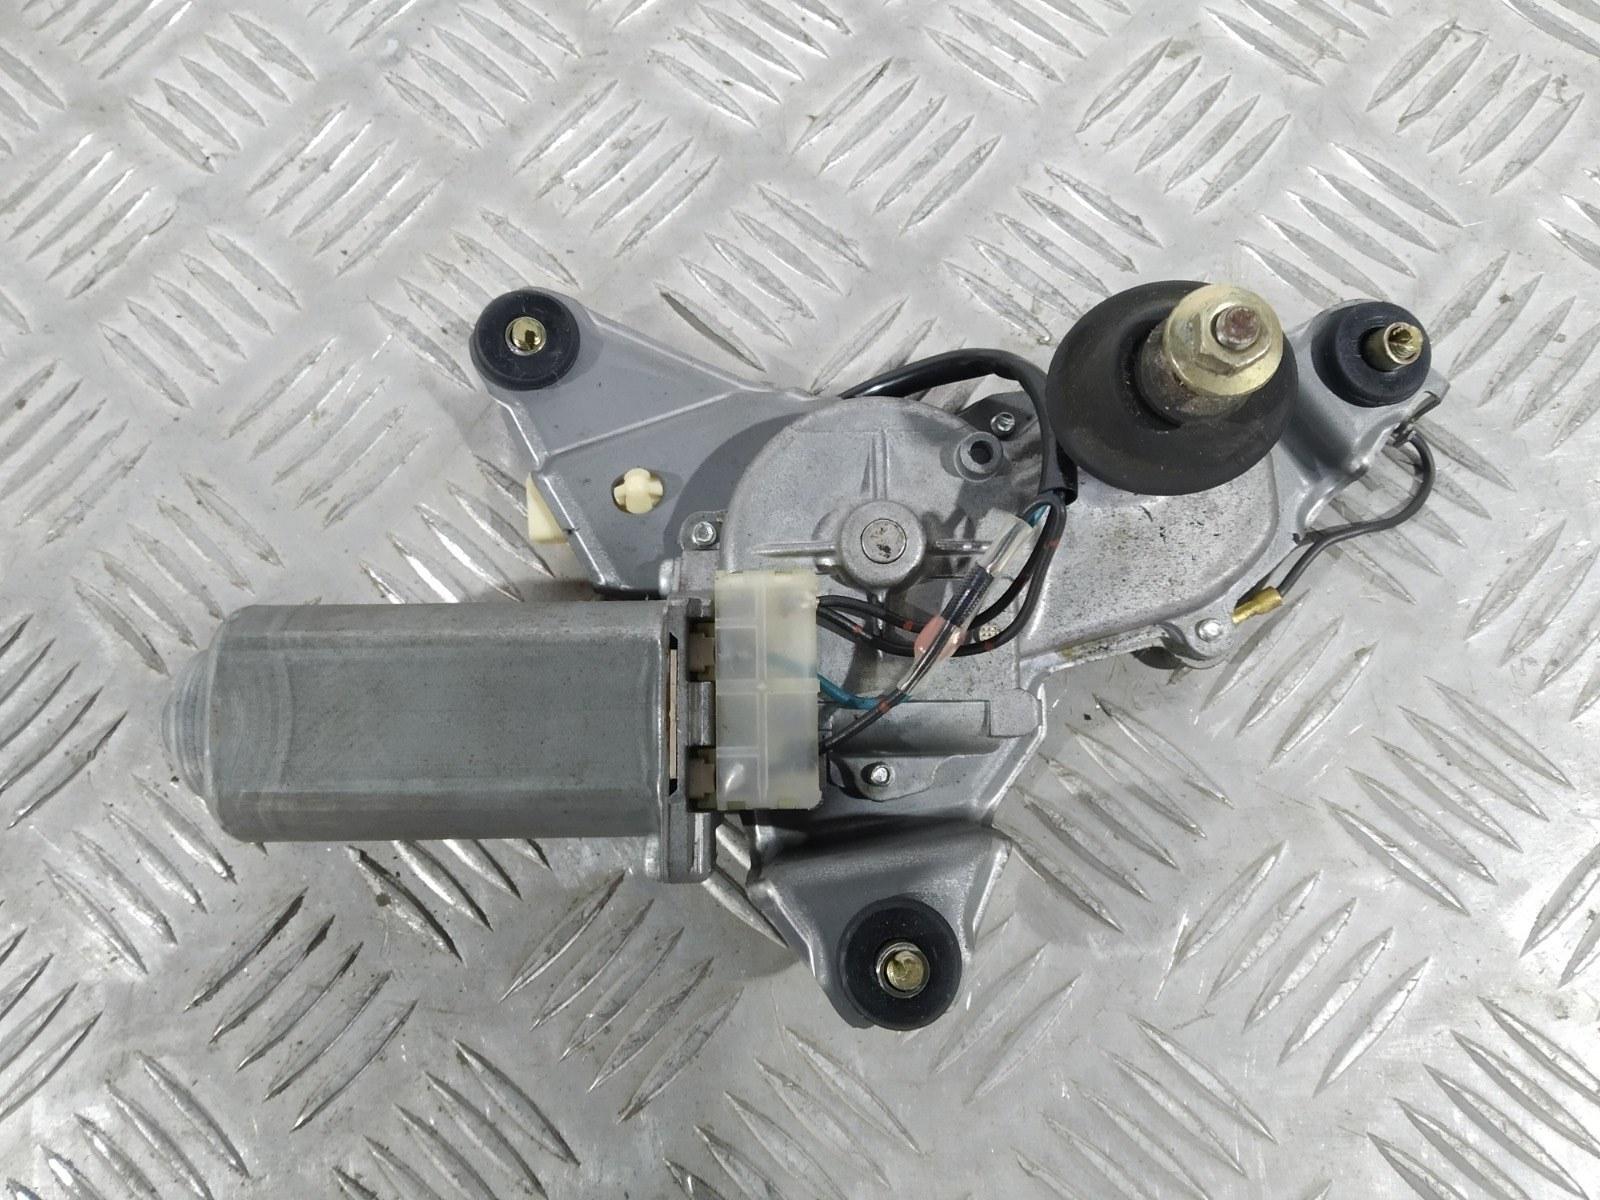 Моторчик заднего стеклоочистителя (дворника) Mazda 6 2.0 I 2006 (б/у)